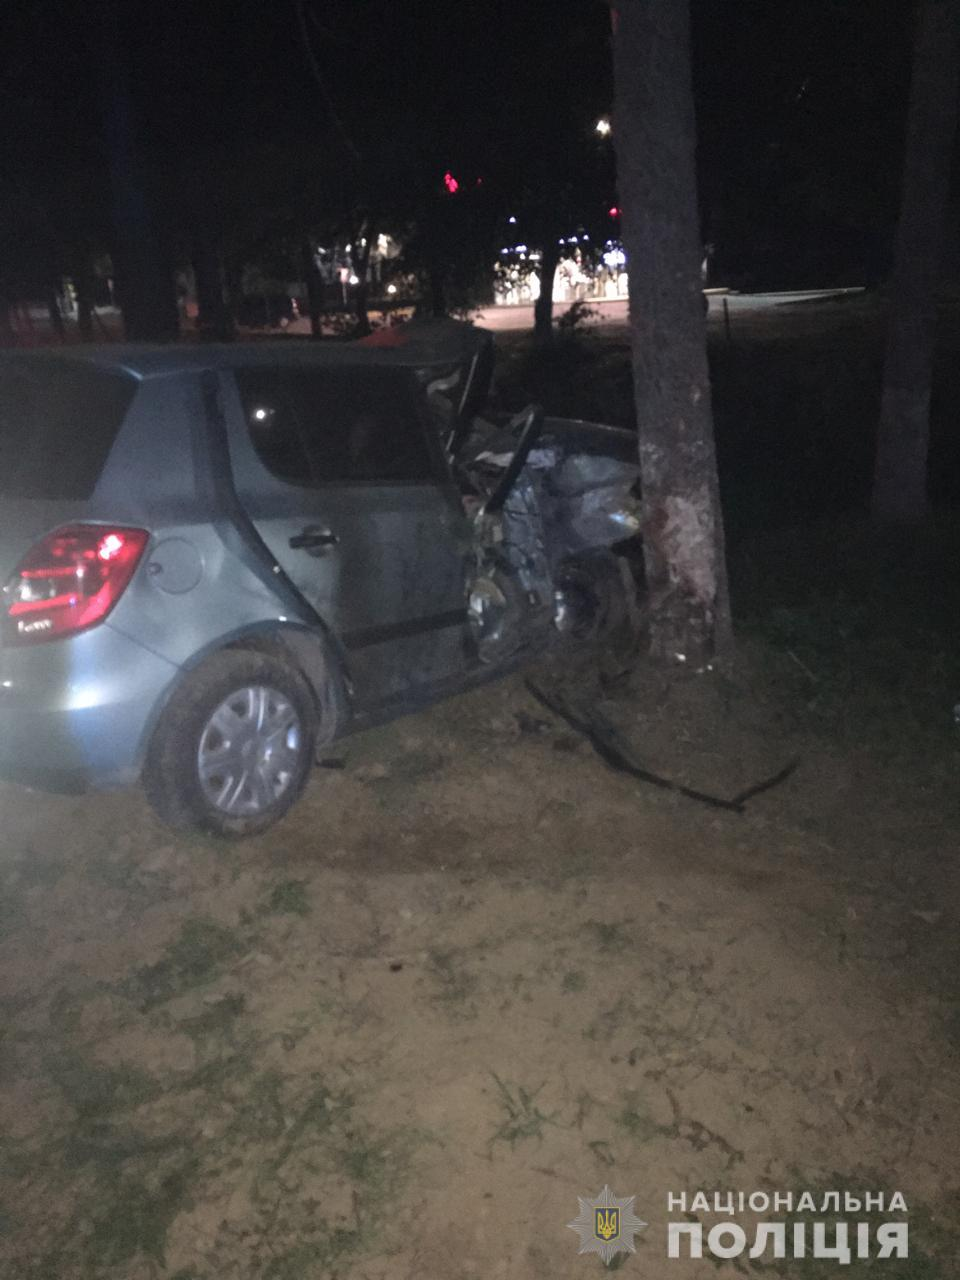 В Ужгороде пьяная водительница устроила летальное ДТП: погибла 19-летняя девушка